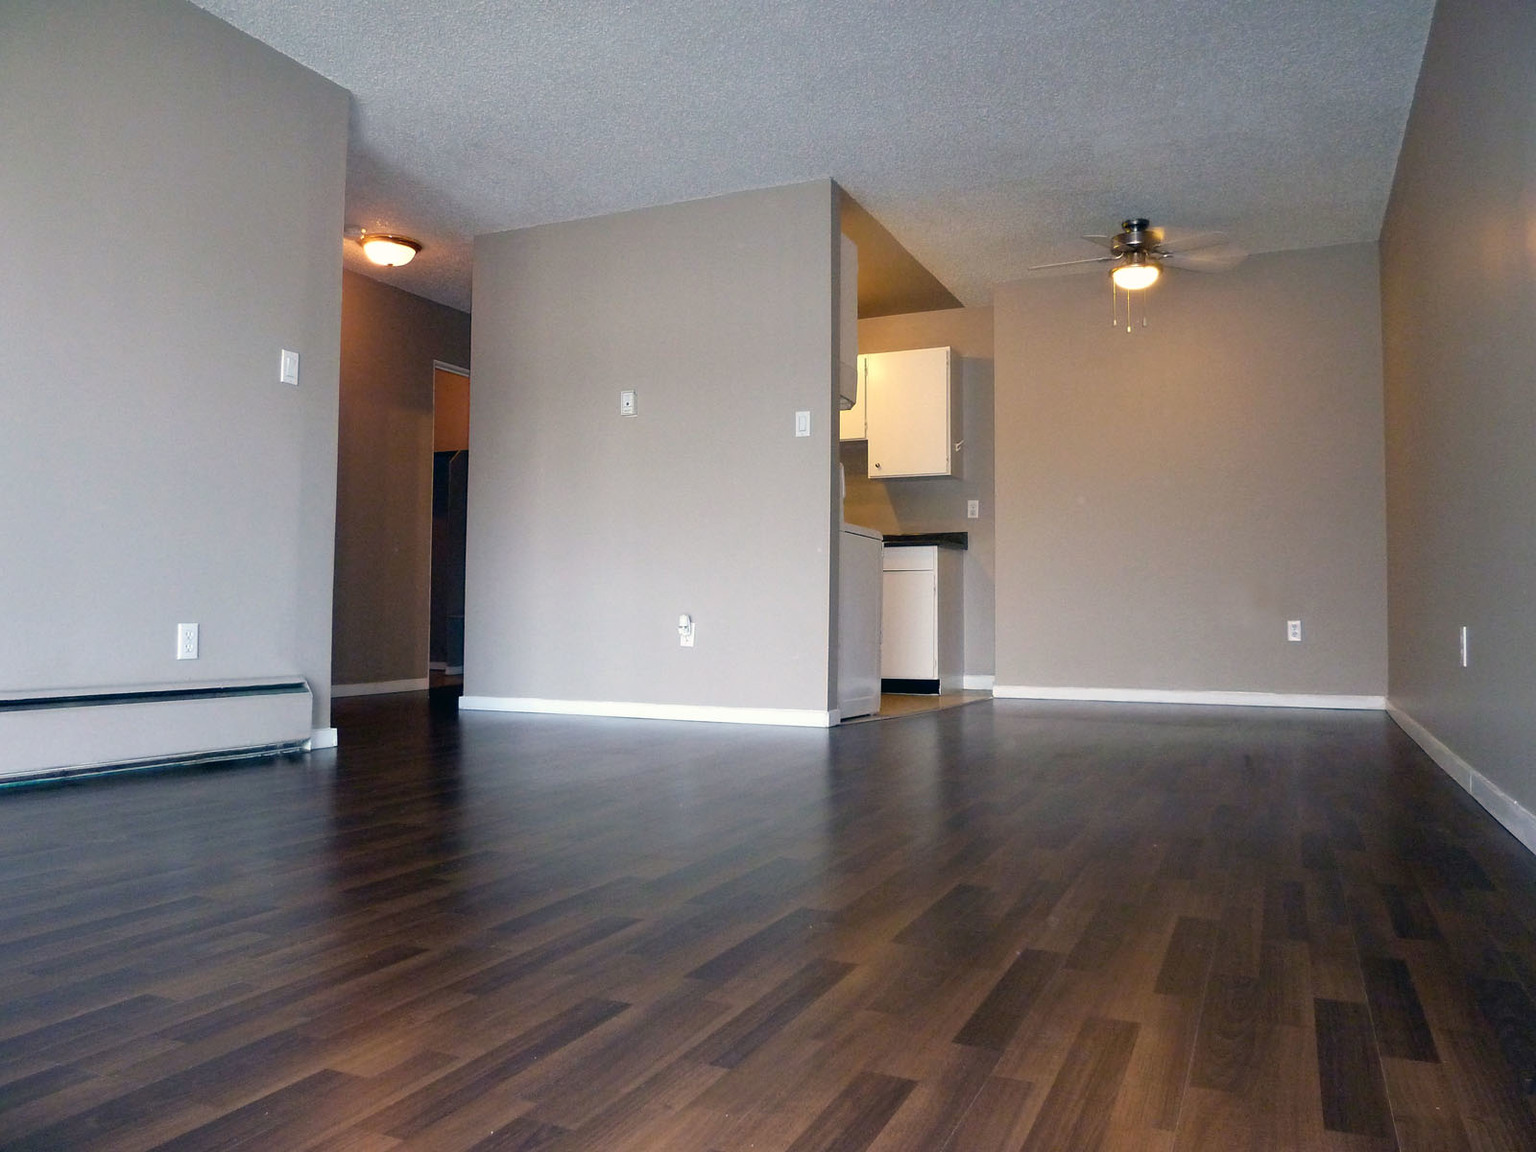 14921 104 Avenue, Surrey, BC - $1,750